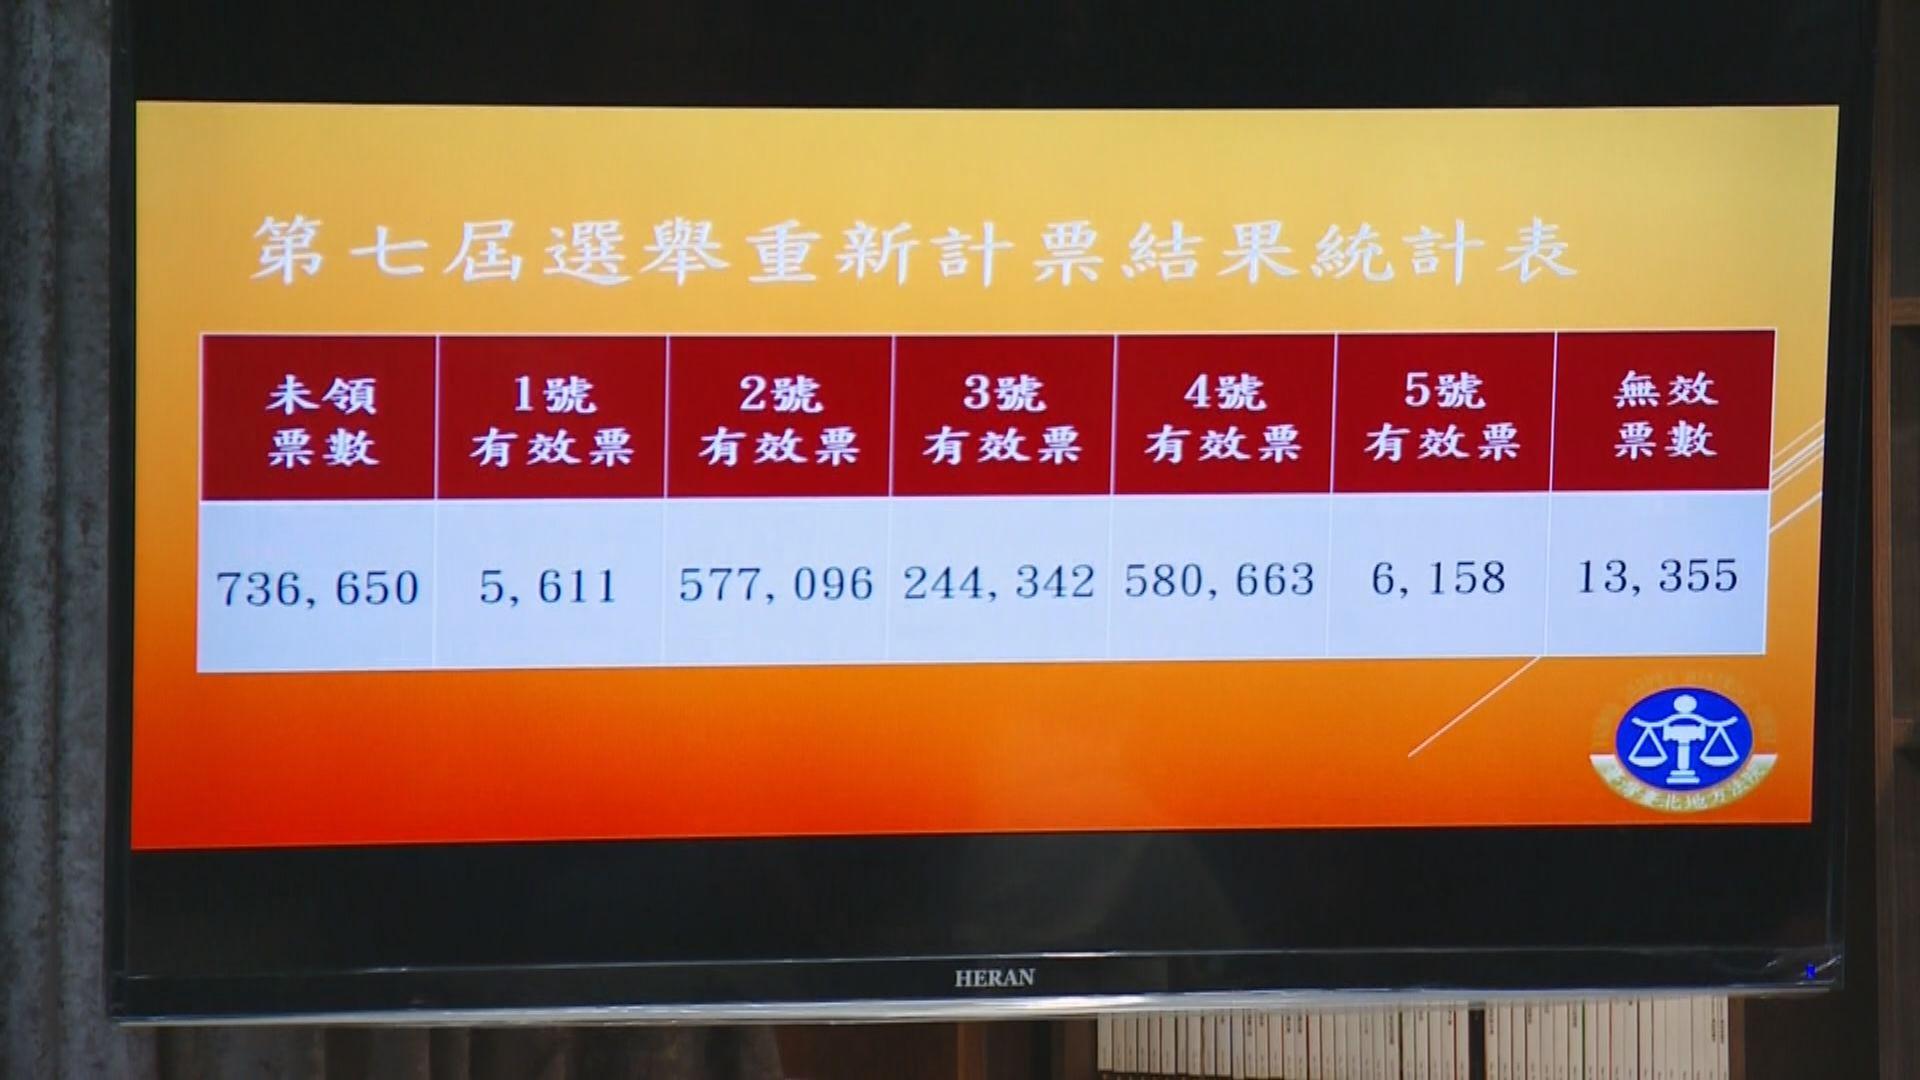 台北市長選舉驗票結果確認柯文哲勝出